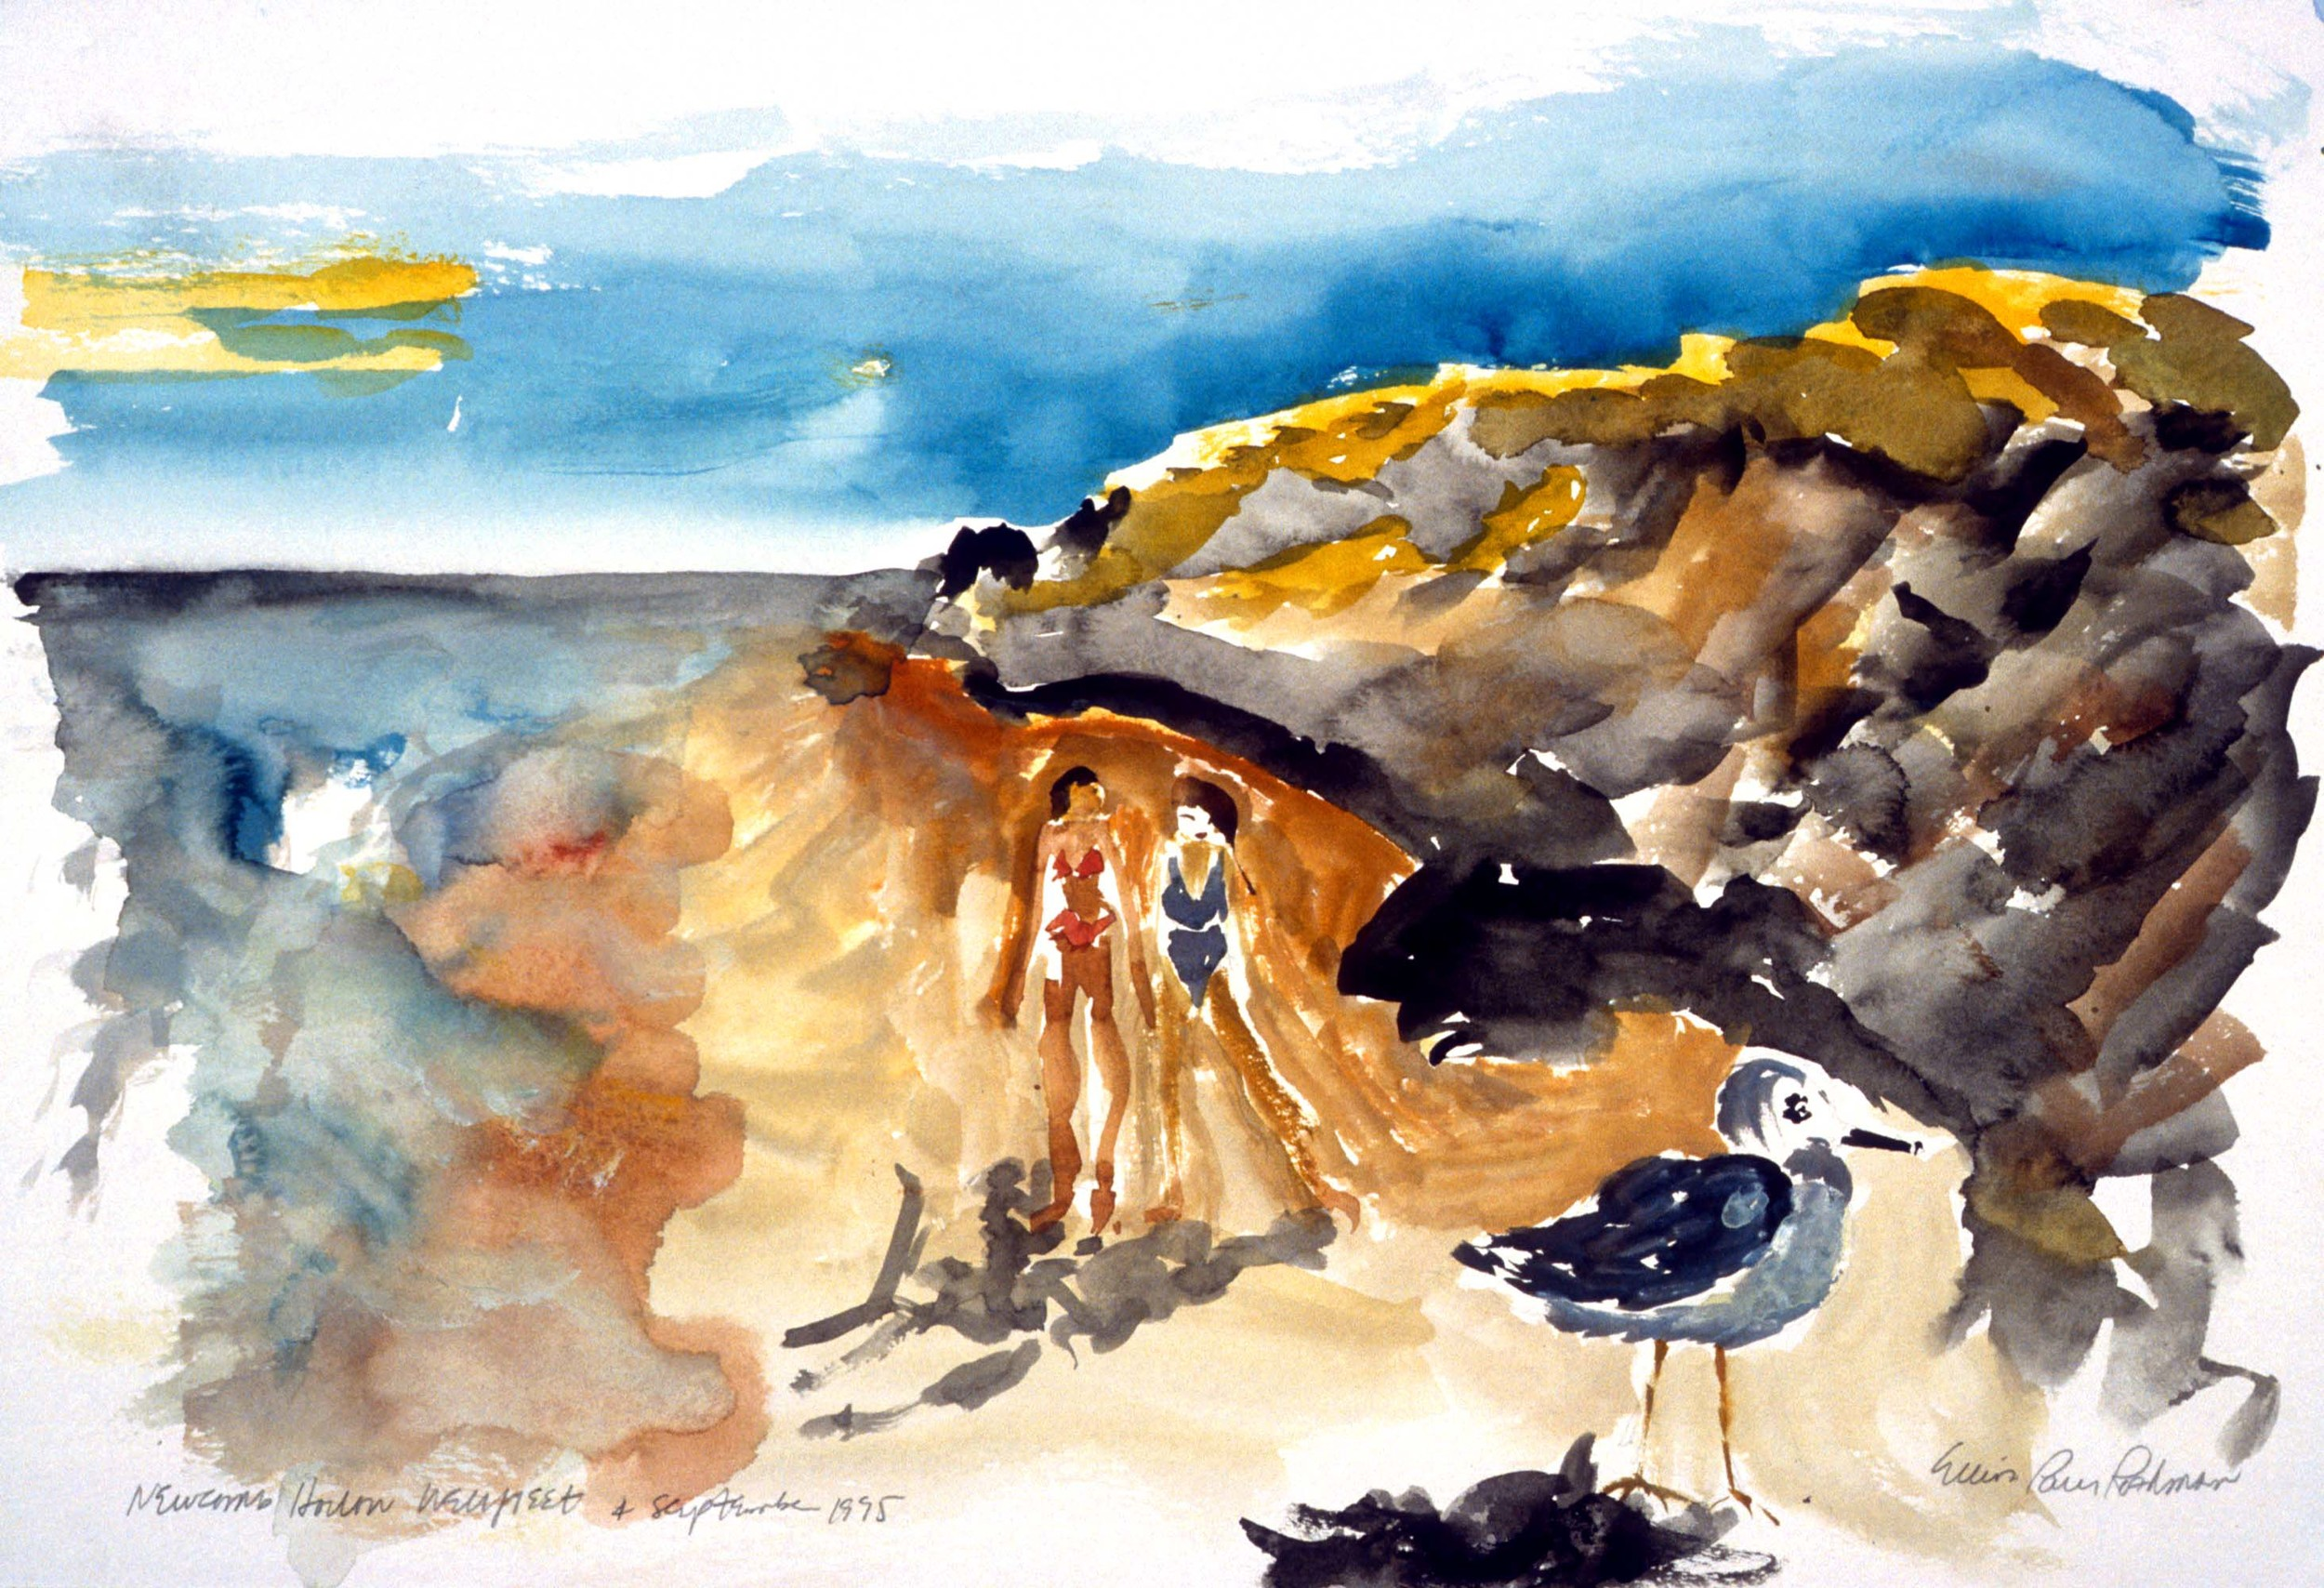 Newcomb Hollow Gull Wellfleet